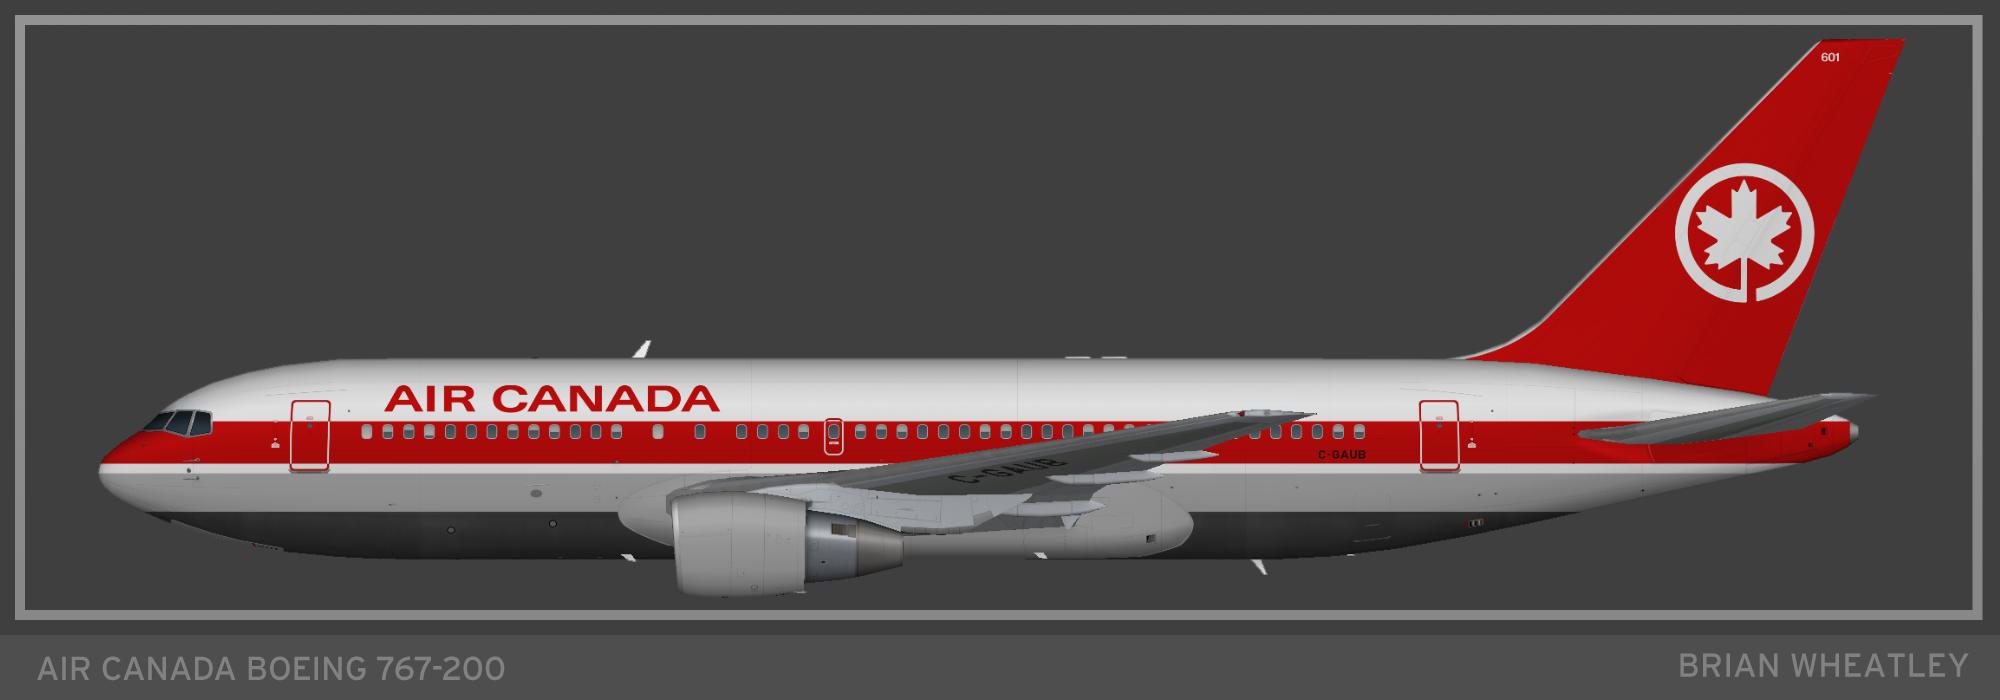 brw_b762_aircanada